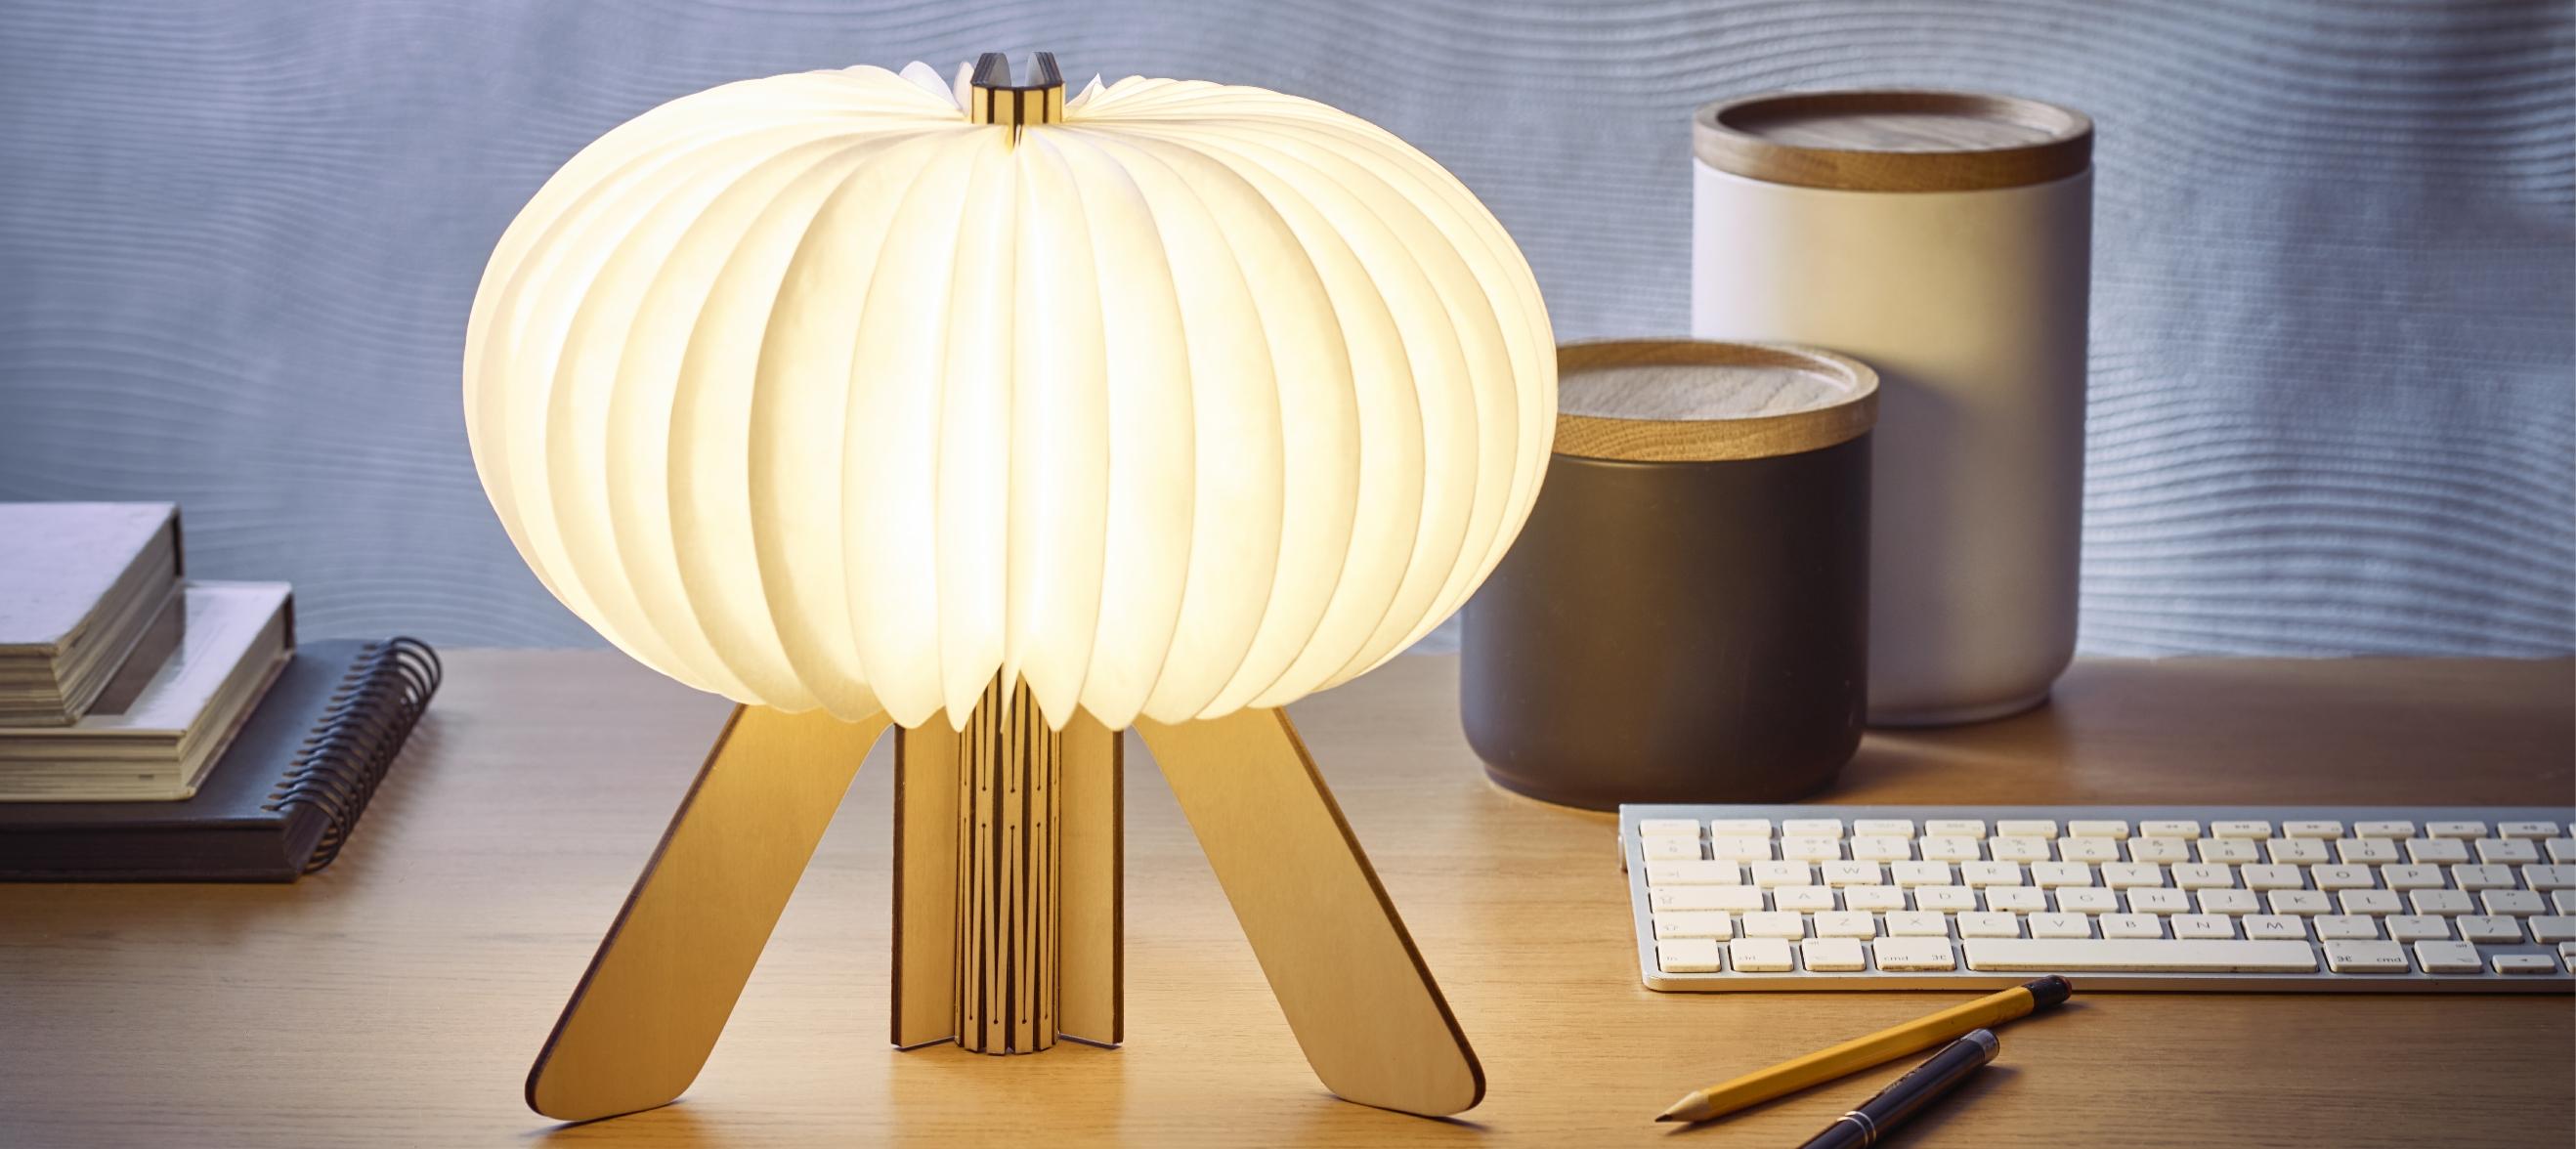 Gingko R Space Desk Lamp